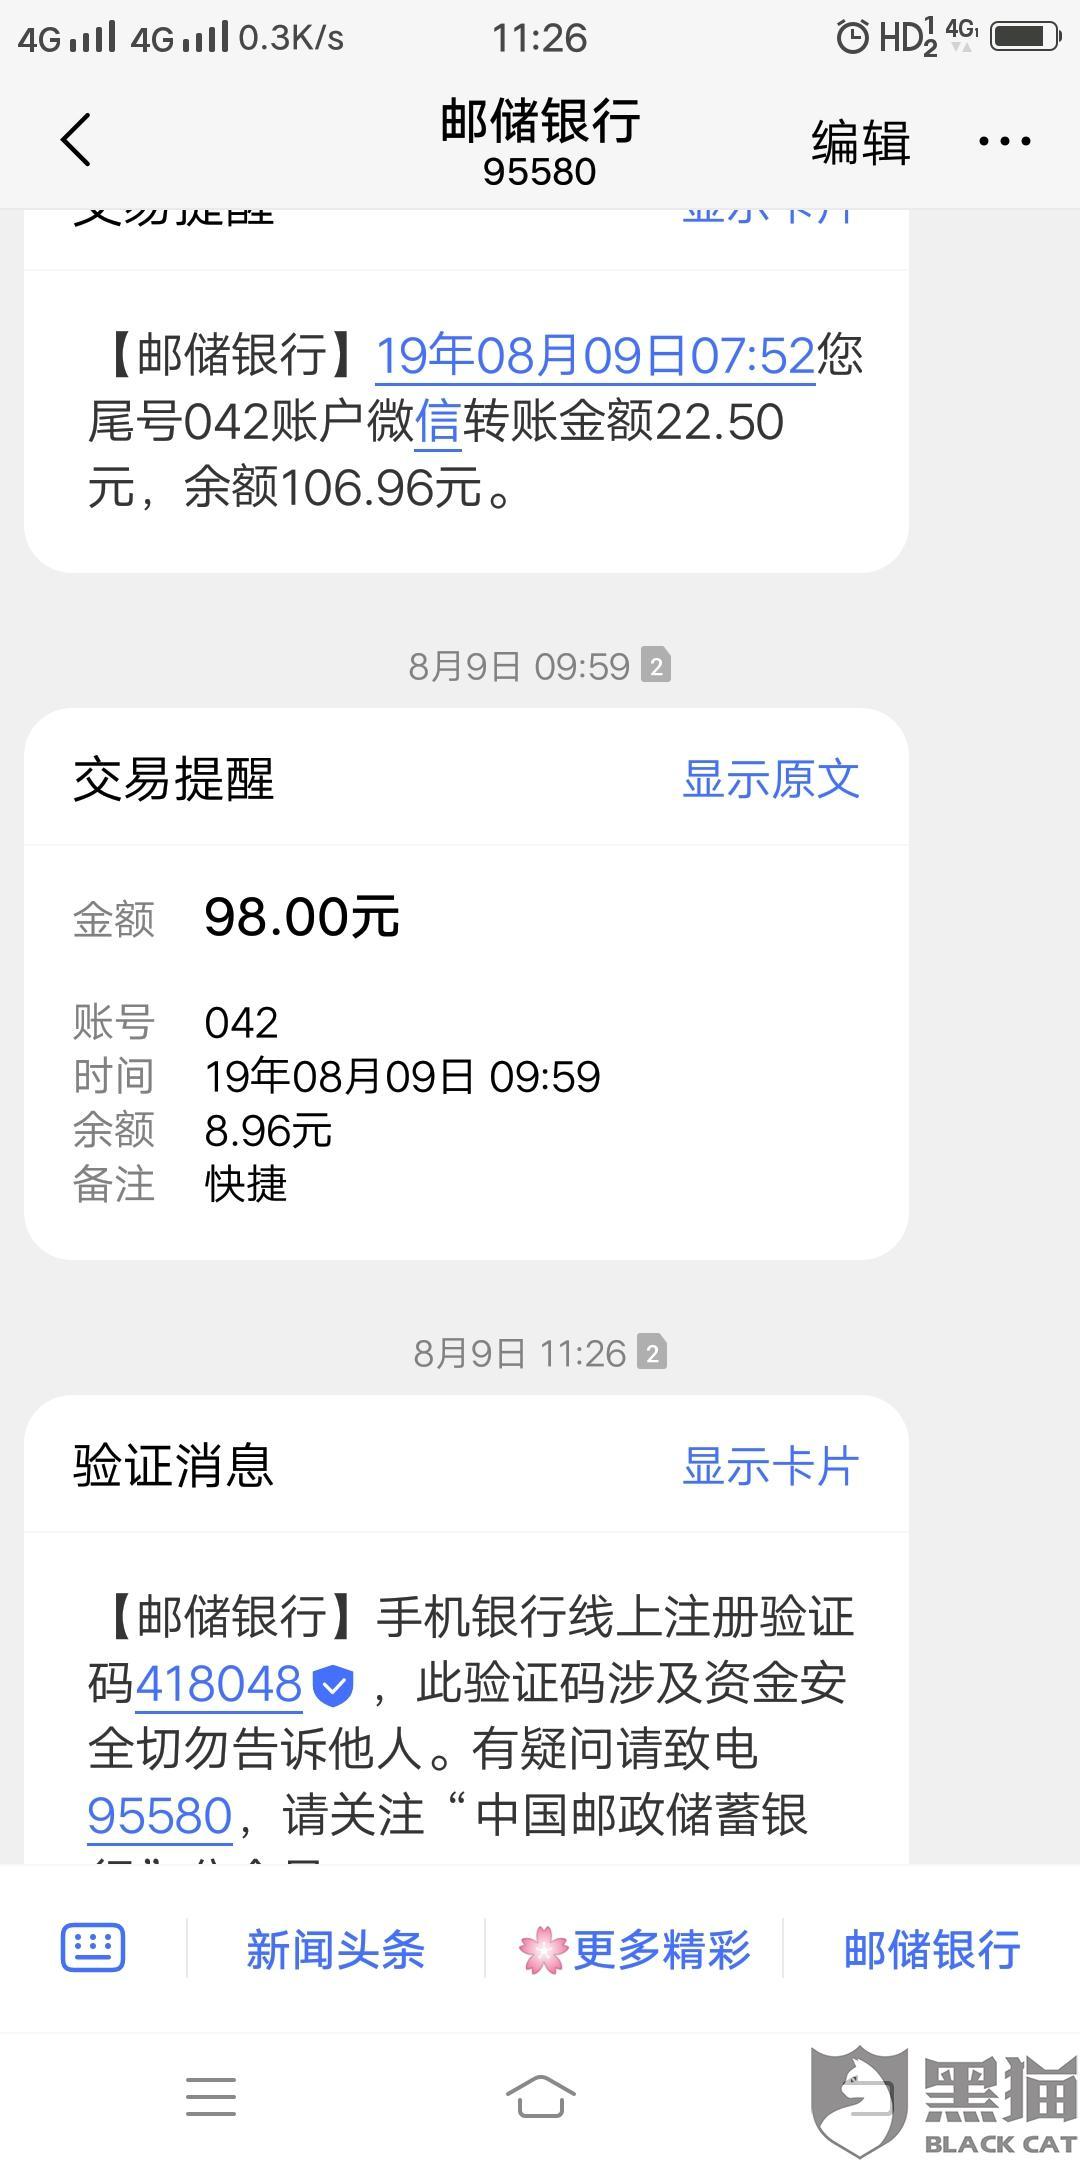 黑猫投诉:2019年8月9号上午9:59分中国邮政银行扣款98。经查是六淮科技扣了。我不知